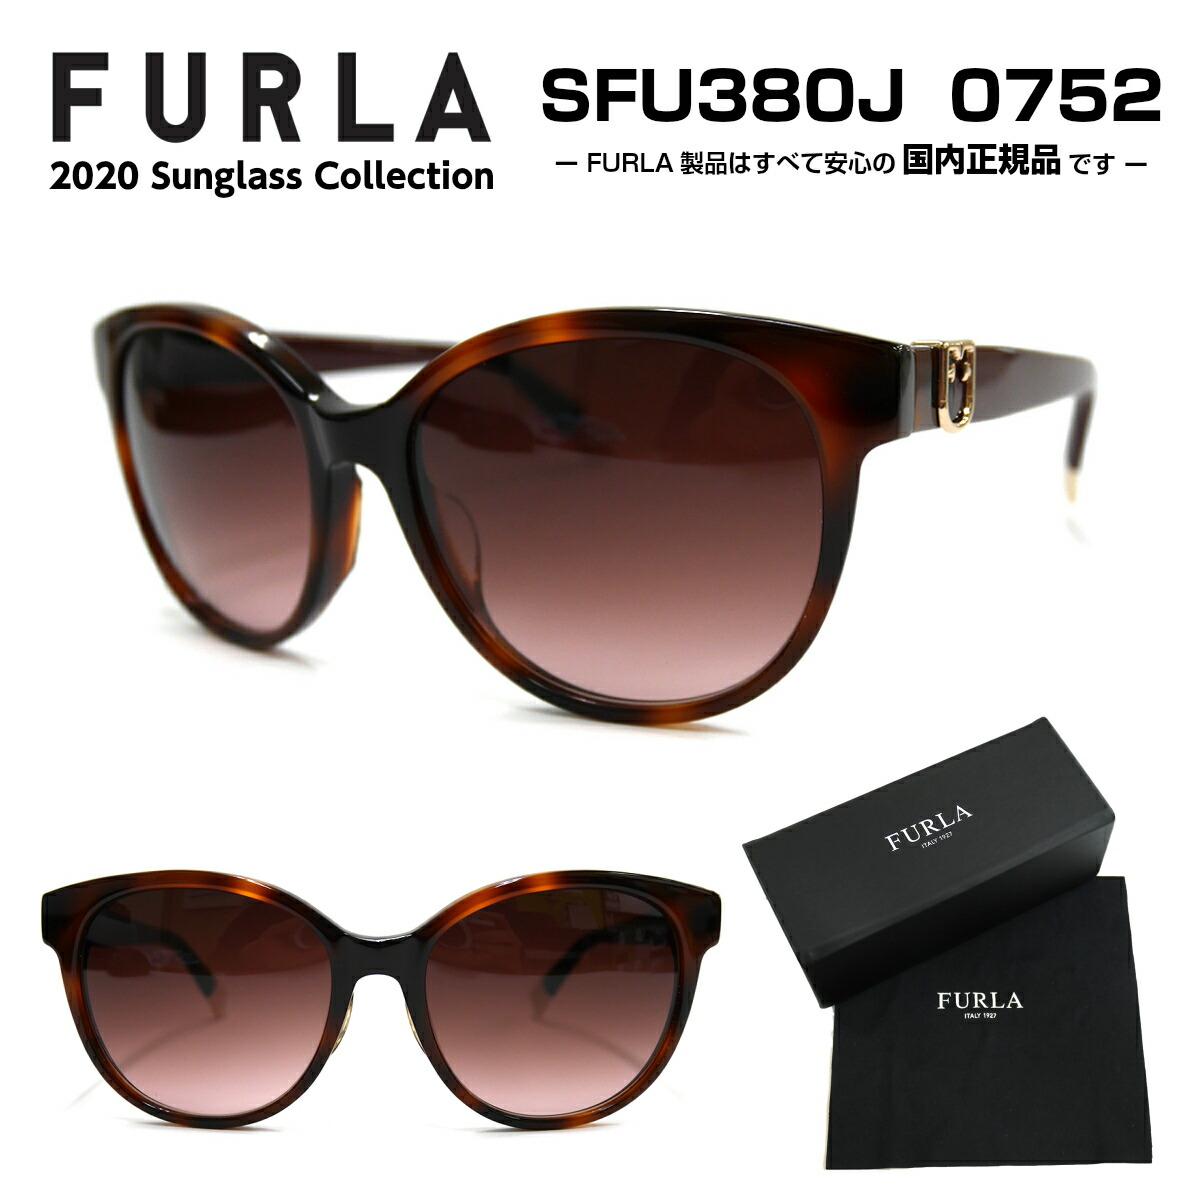 FURLA フルラ サングラス SFU380J 0752 2020年モデル SUNGLASS メガネ レディース 女性 正規品 UVカット ライトカラー うすめ きれい かわいい 大きめ 母の日 プレゼント ギフト オススメ